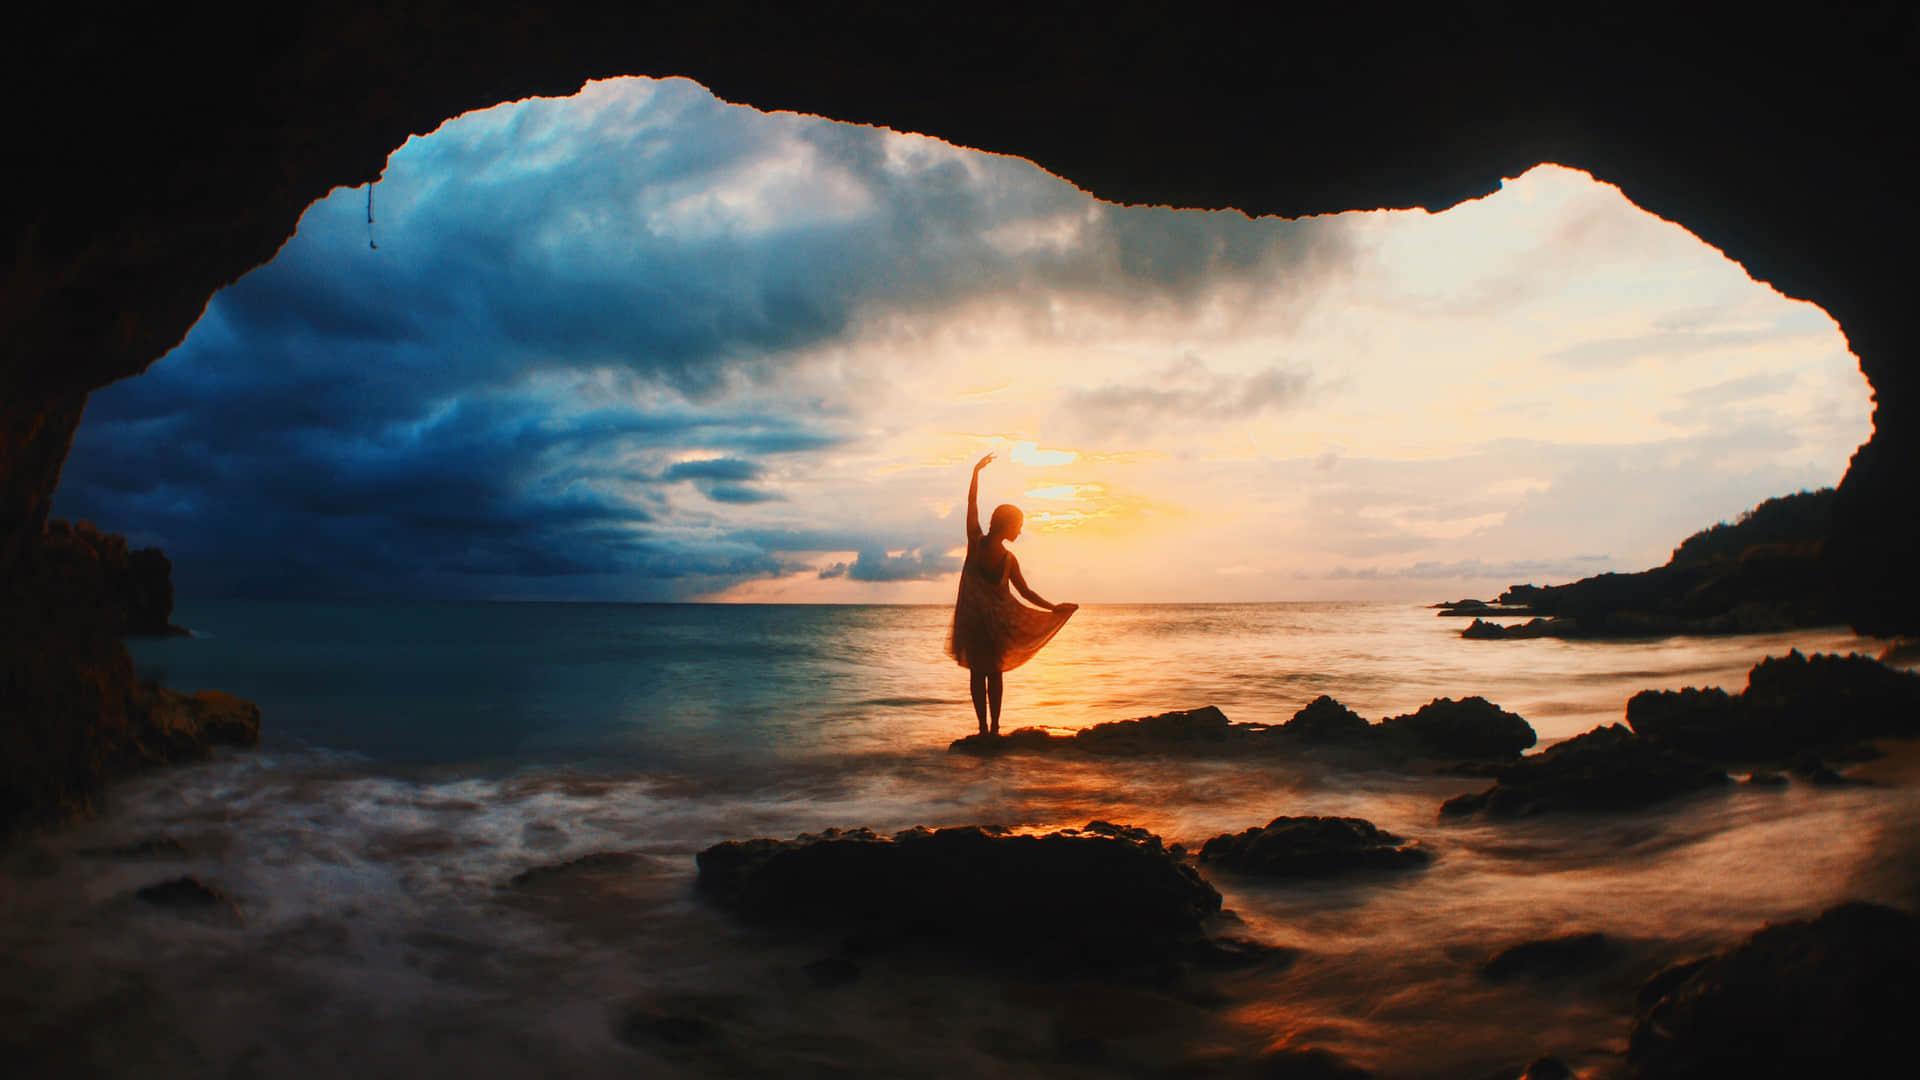 日出东方,在海边翩翩起舞的少女